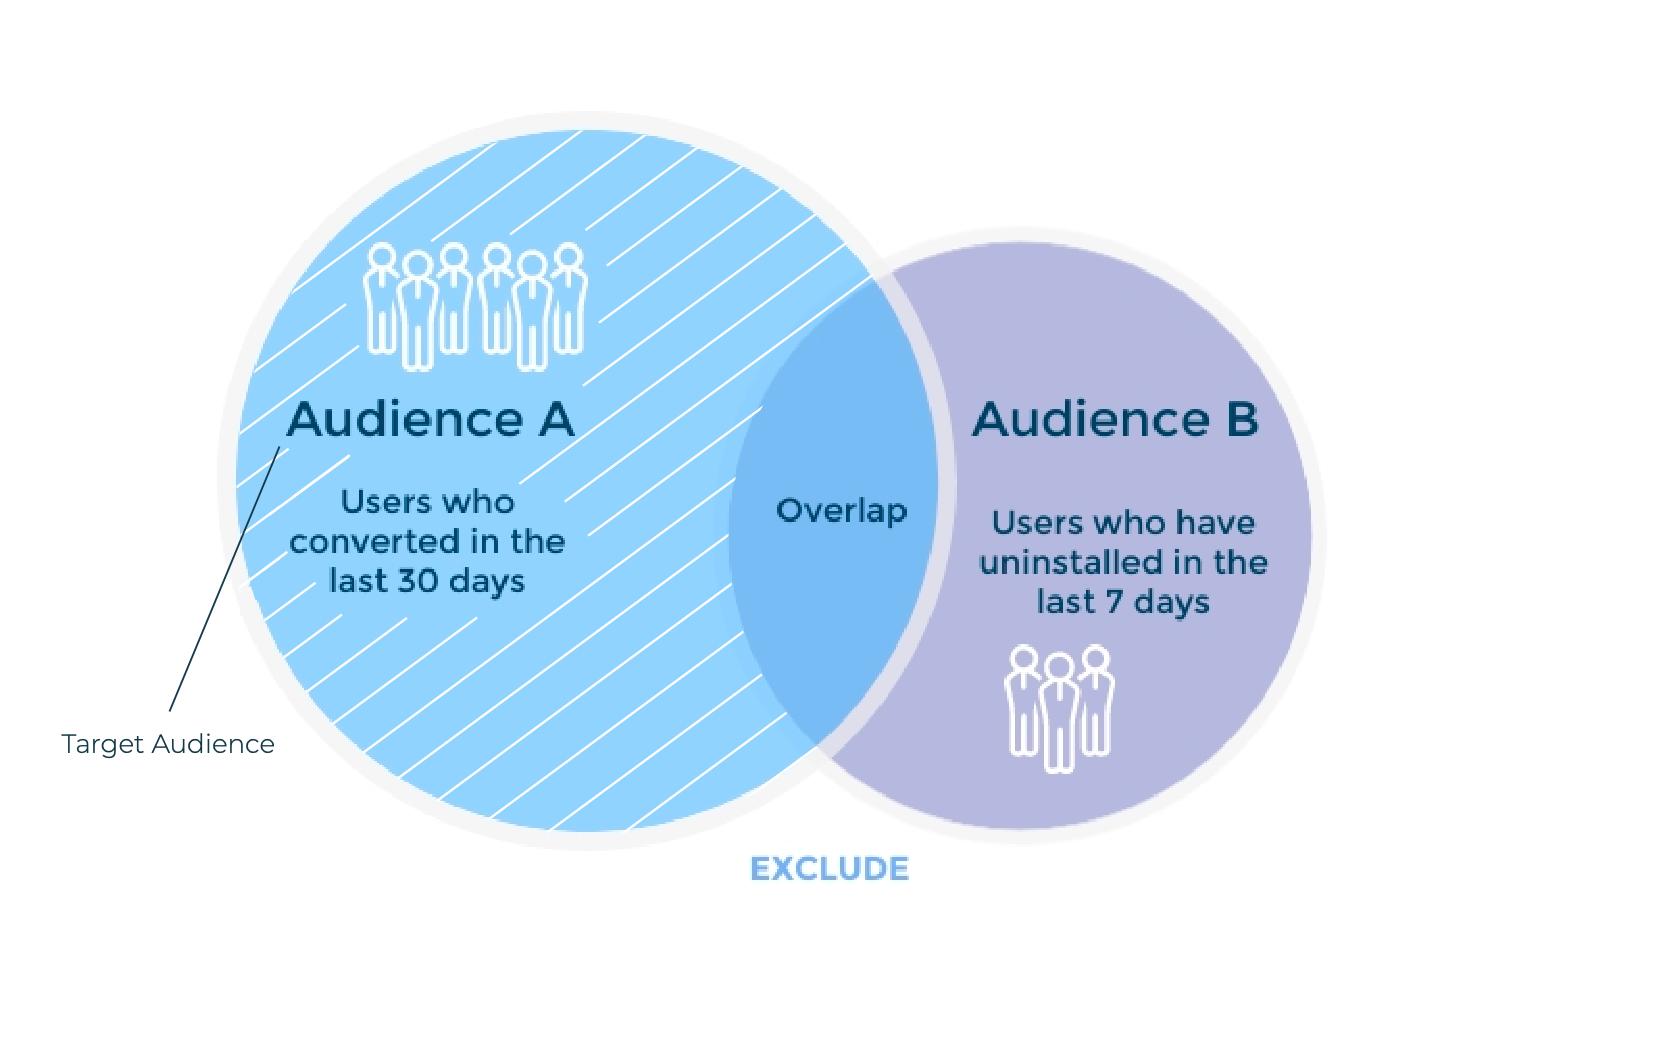 Exemplo de segmentação de público na AppsFlyer (Público A, exclui B)